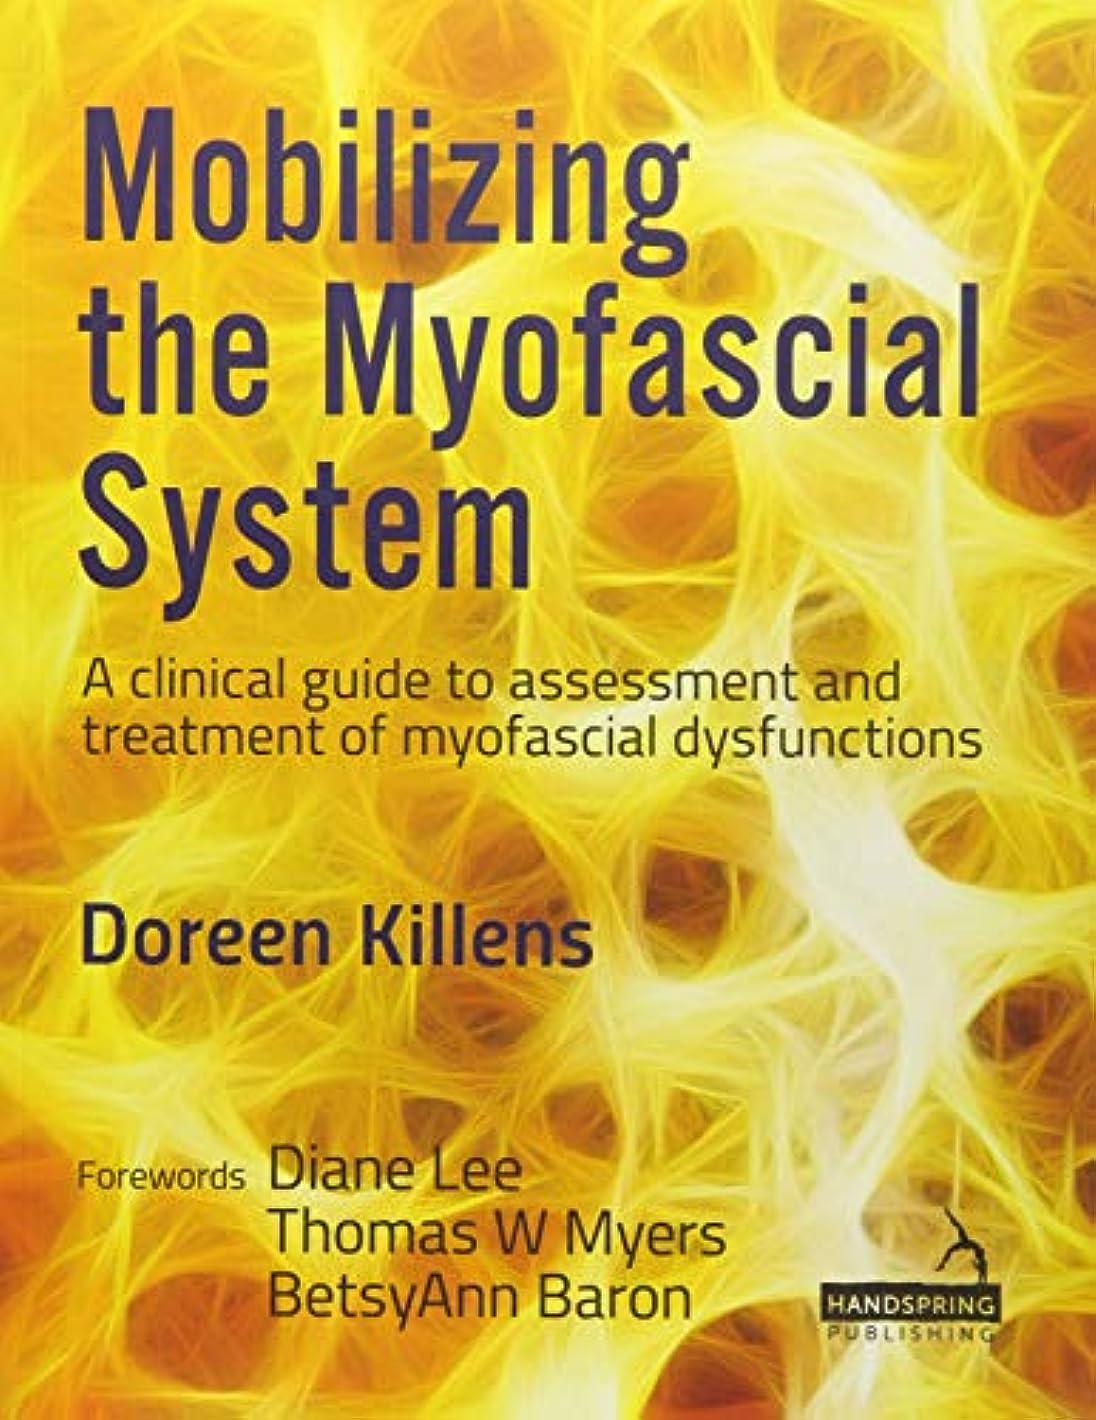 美徳集中的なローマ人Mobilizing the Myofascial System: A Clinical Guide to Assessment and Treatment of Myofascial Dysfunctions (Manual Therapy)